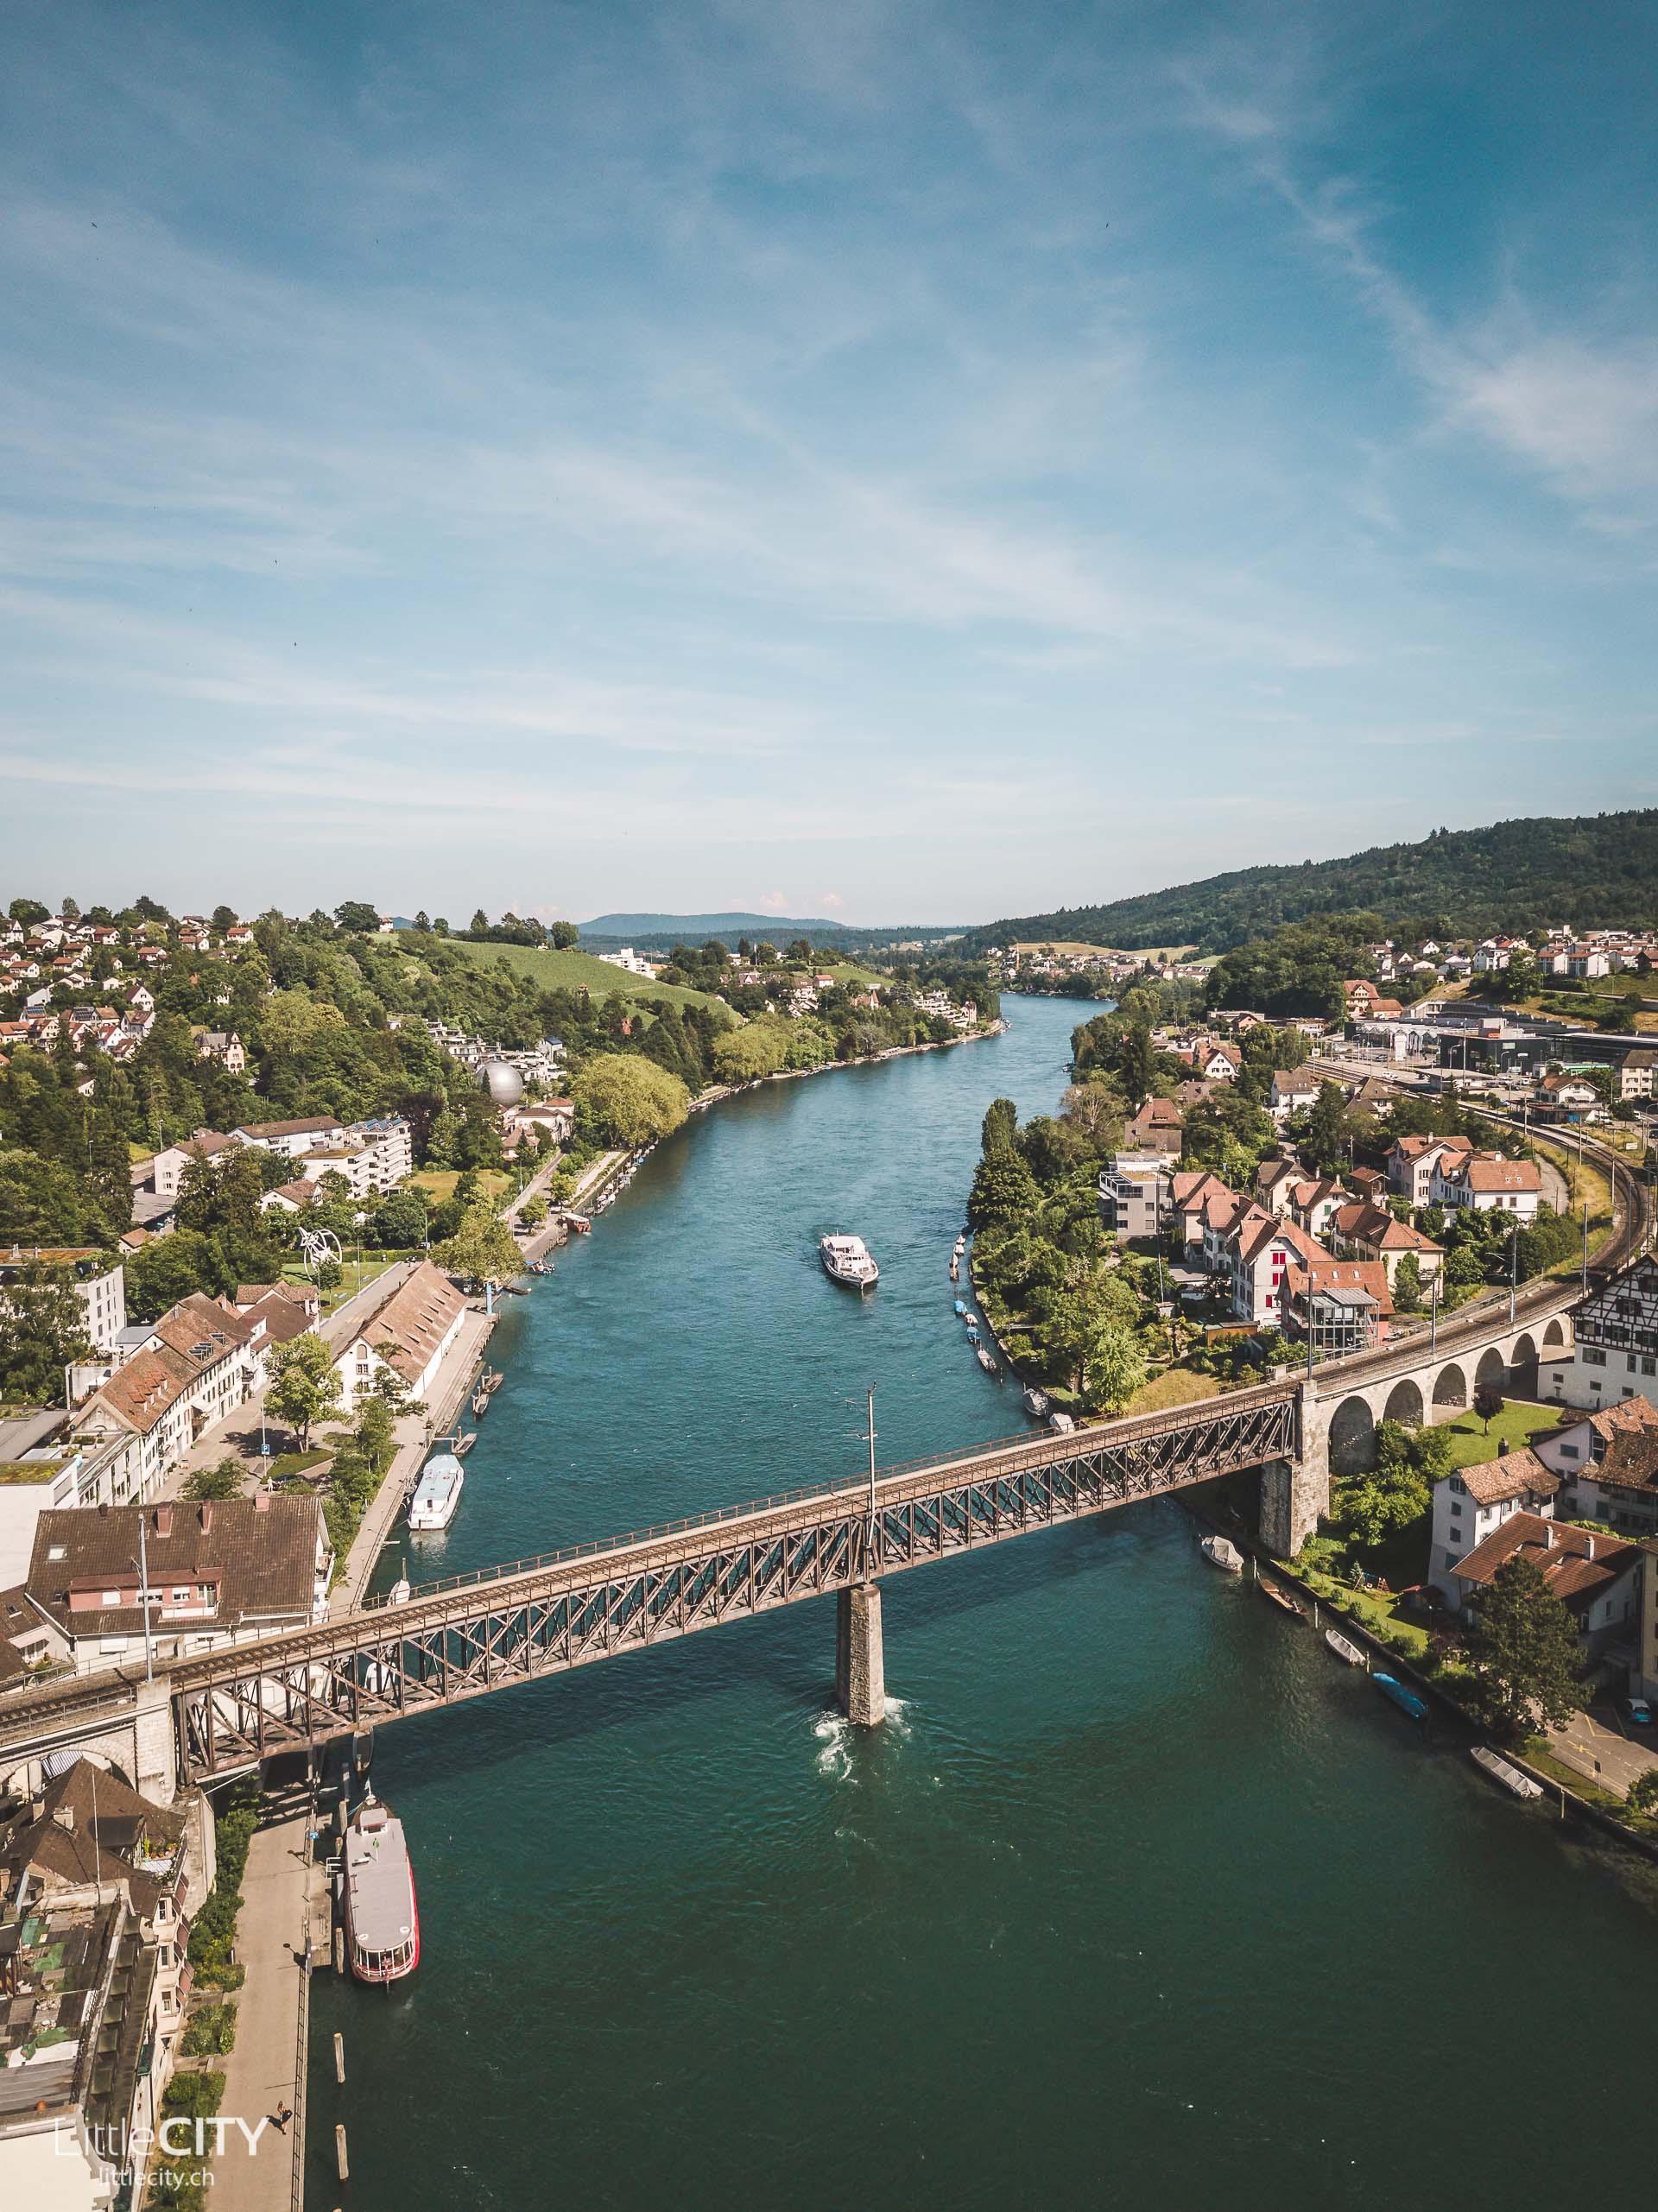 Schifffahrt Rhein Hochrhein Schaffhausen